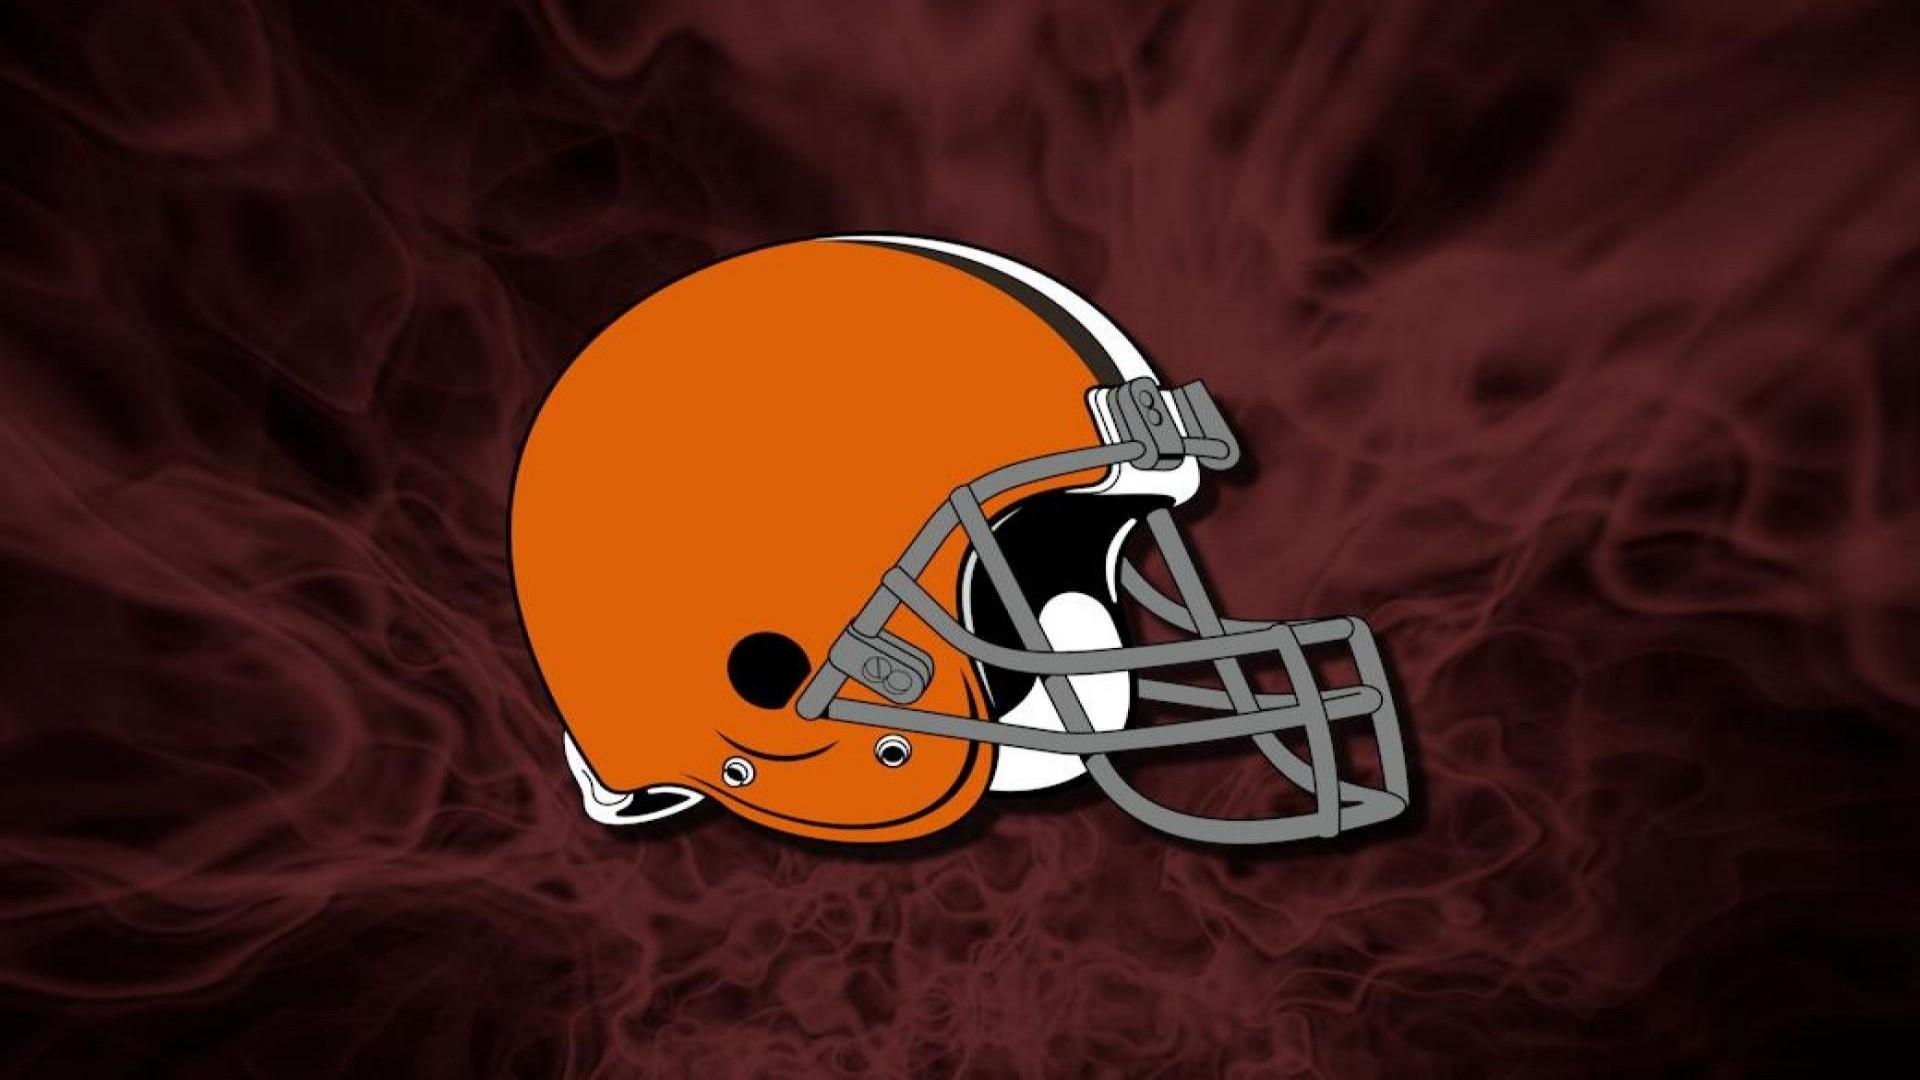 Cleveland Browns hd desktop wallpaper